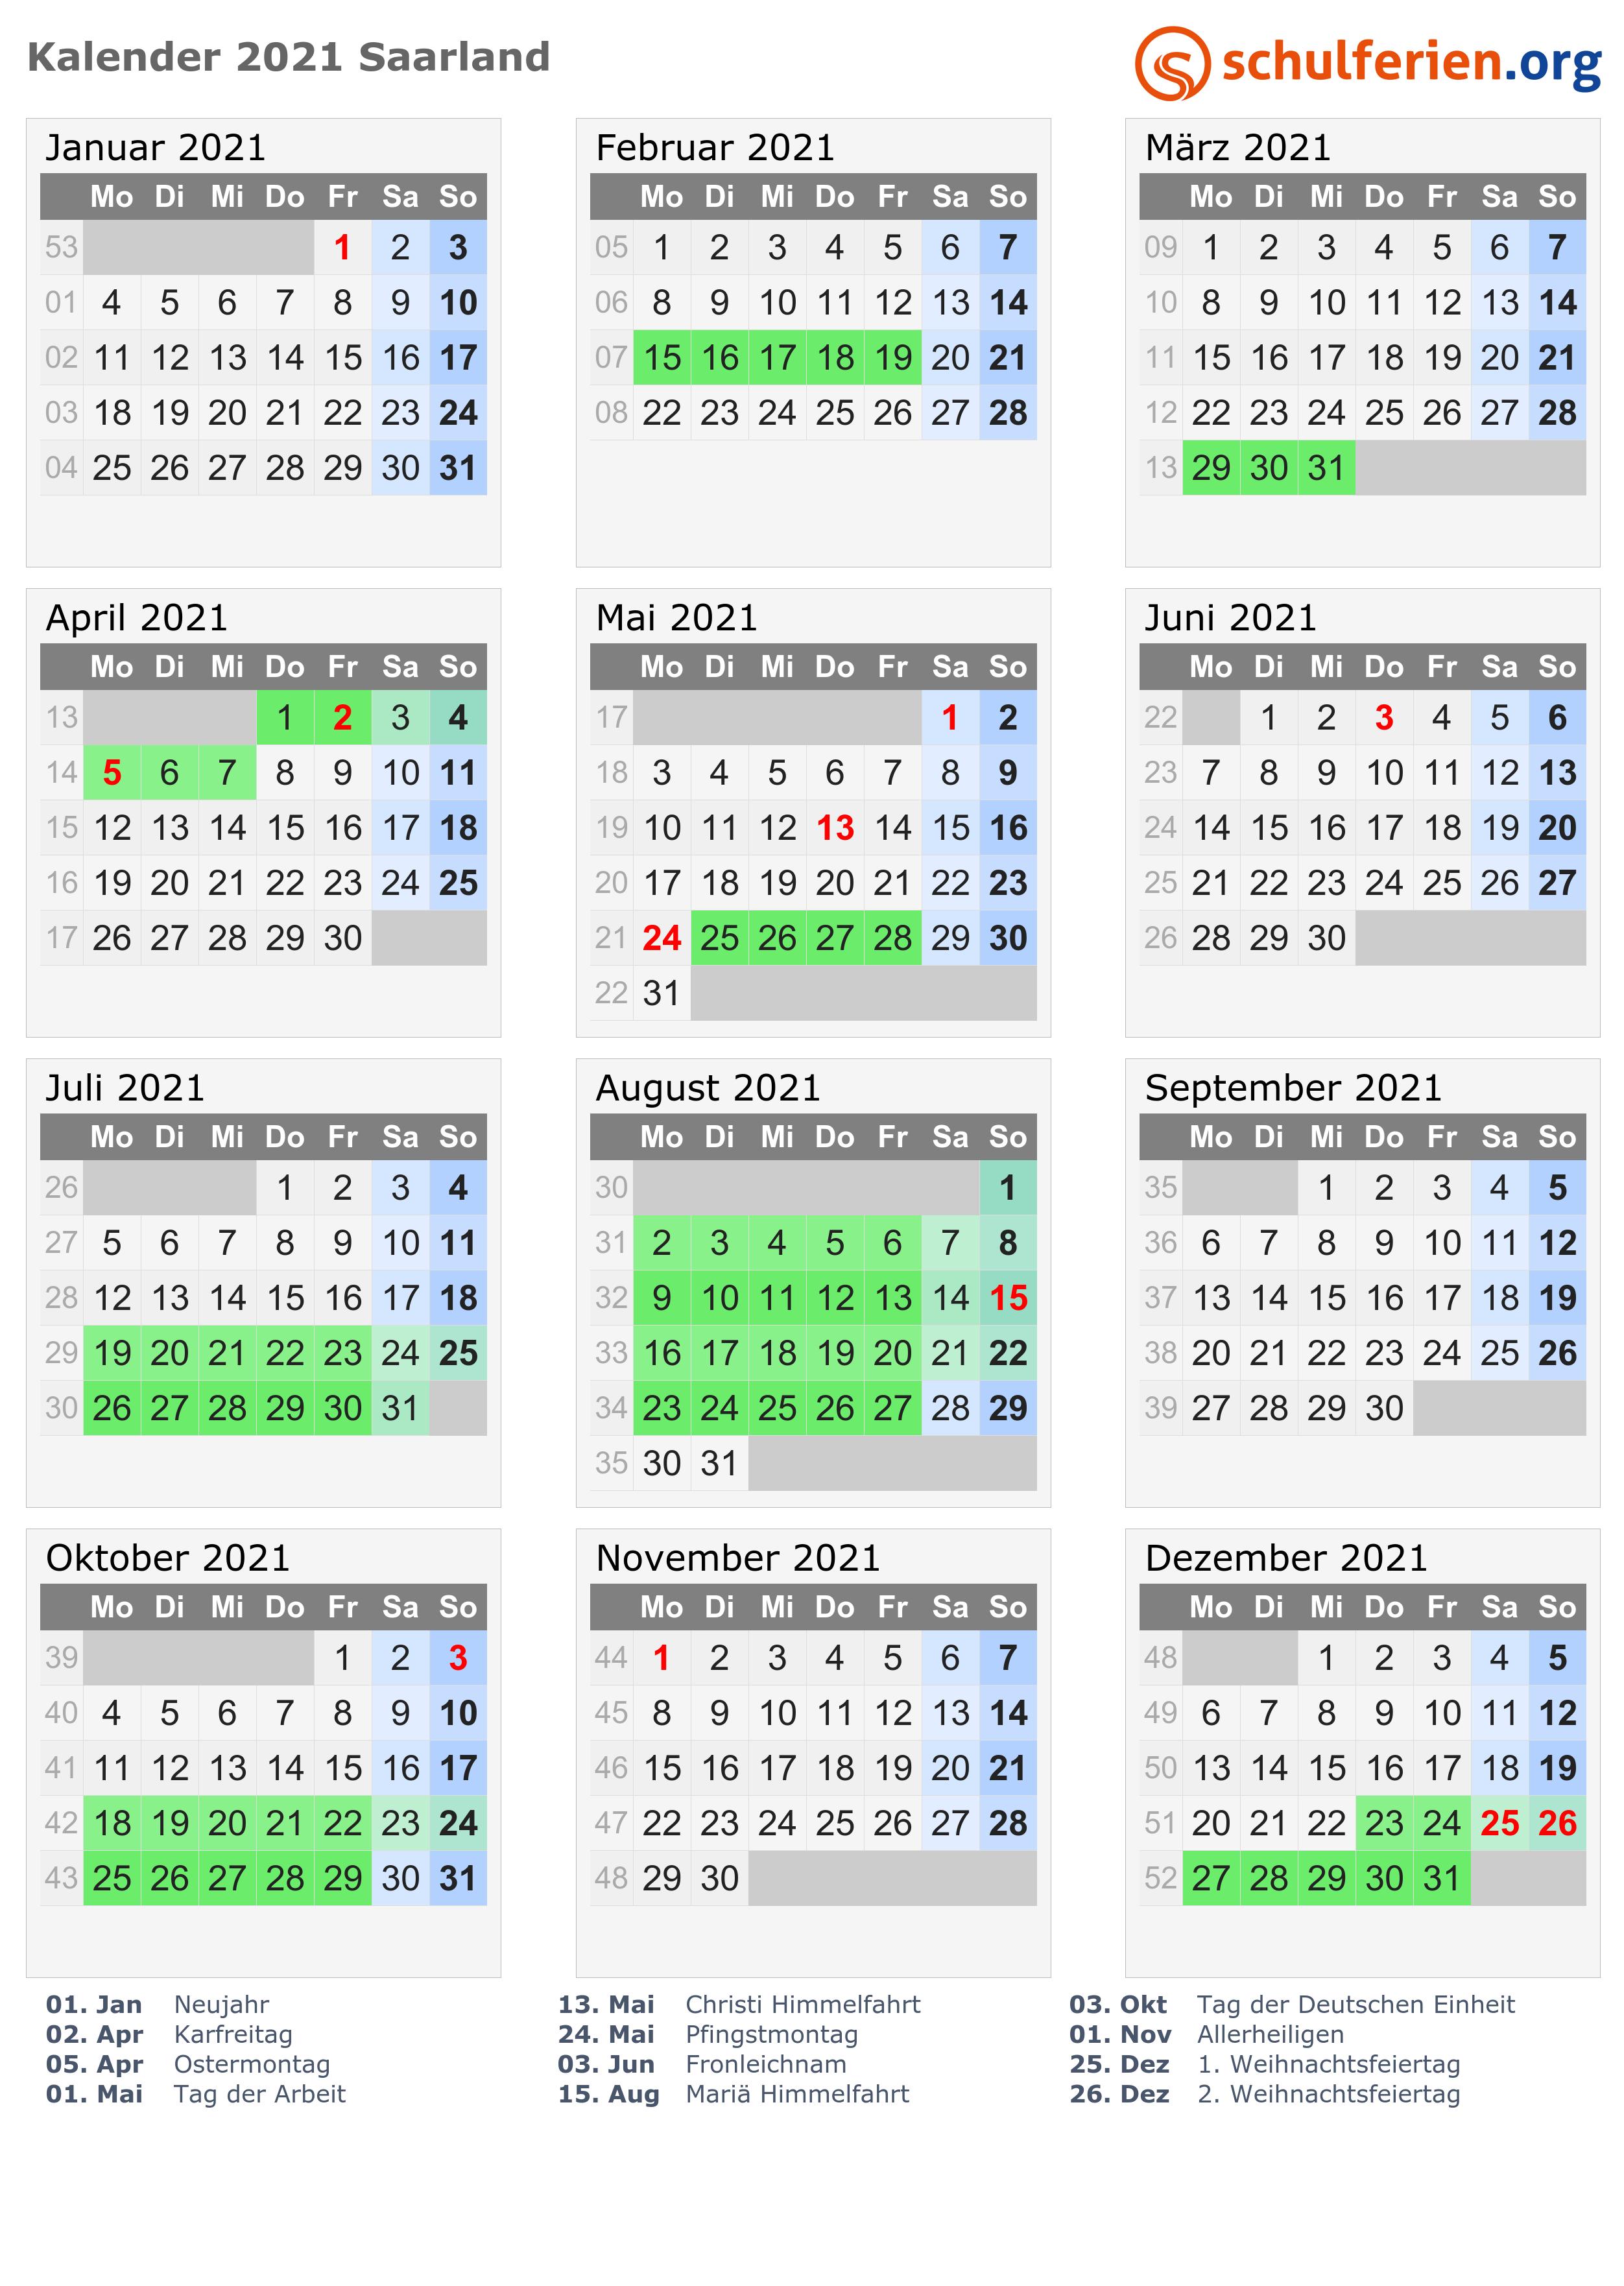 Sommerferien Saarland 2021